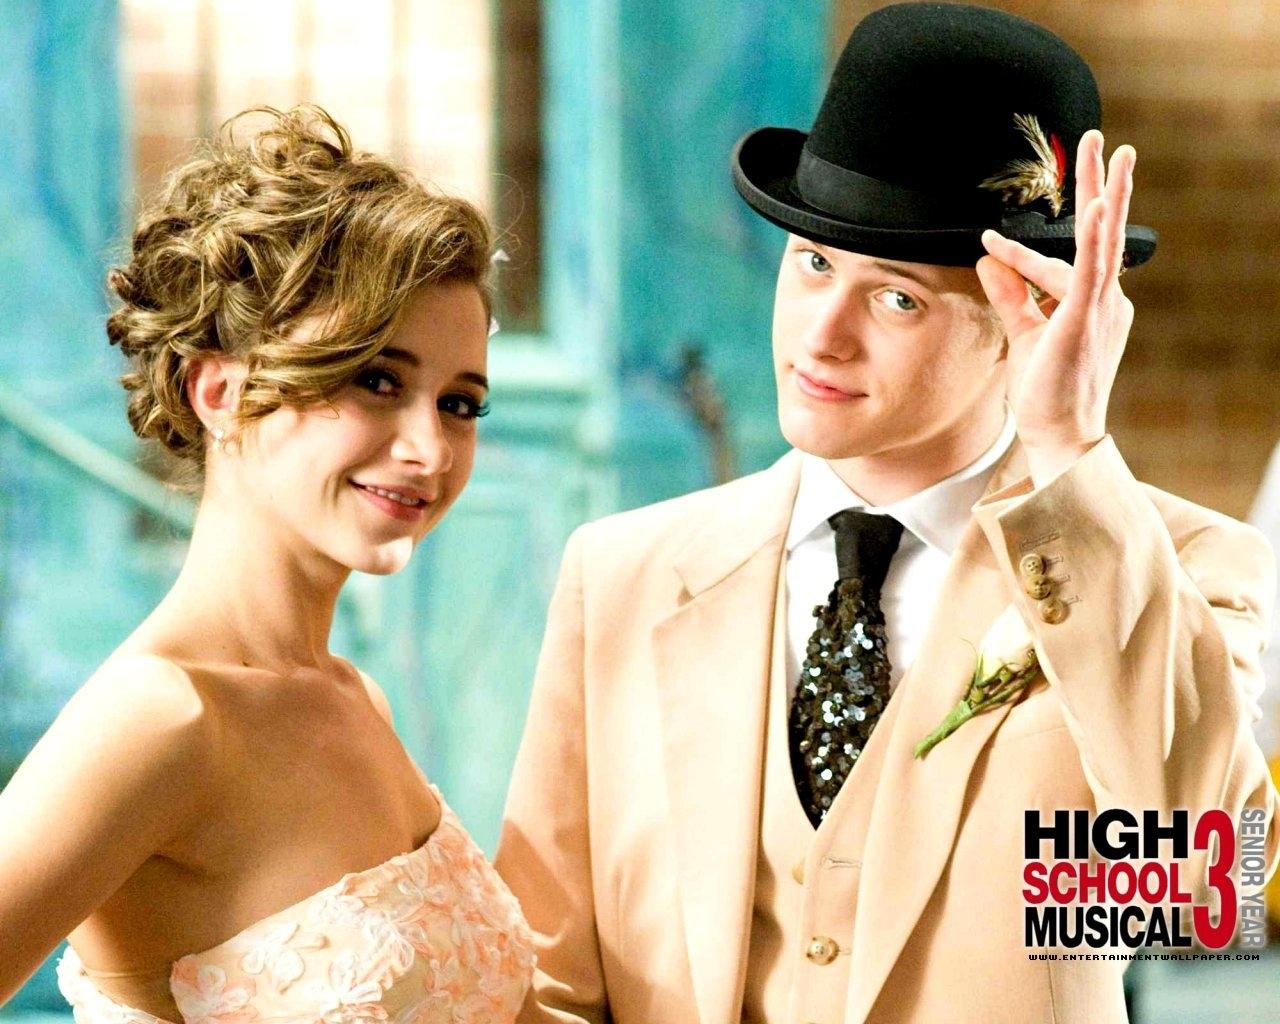 hsm3 - High School Musical 3 Wallpaper (4048480) - Fanpop